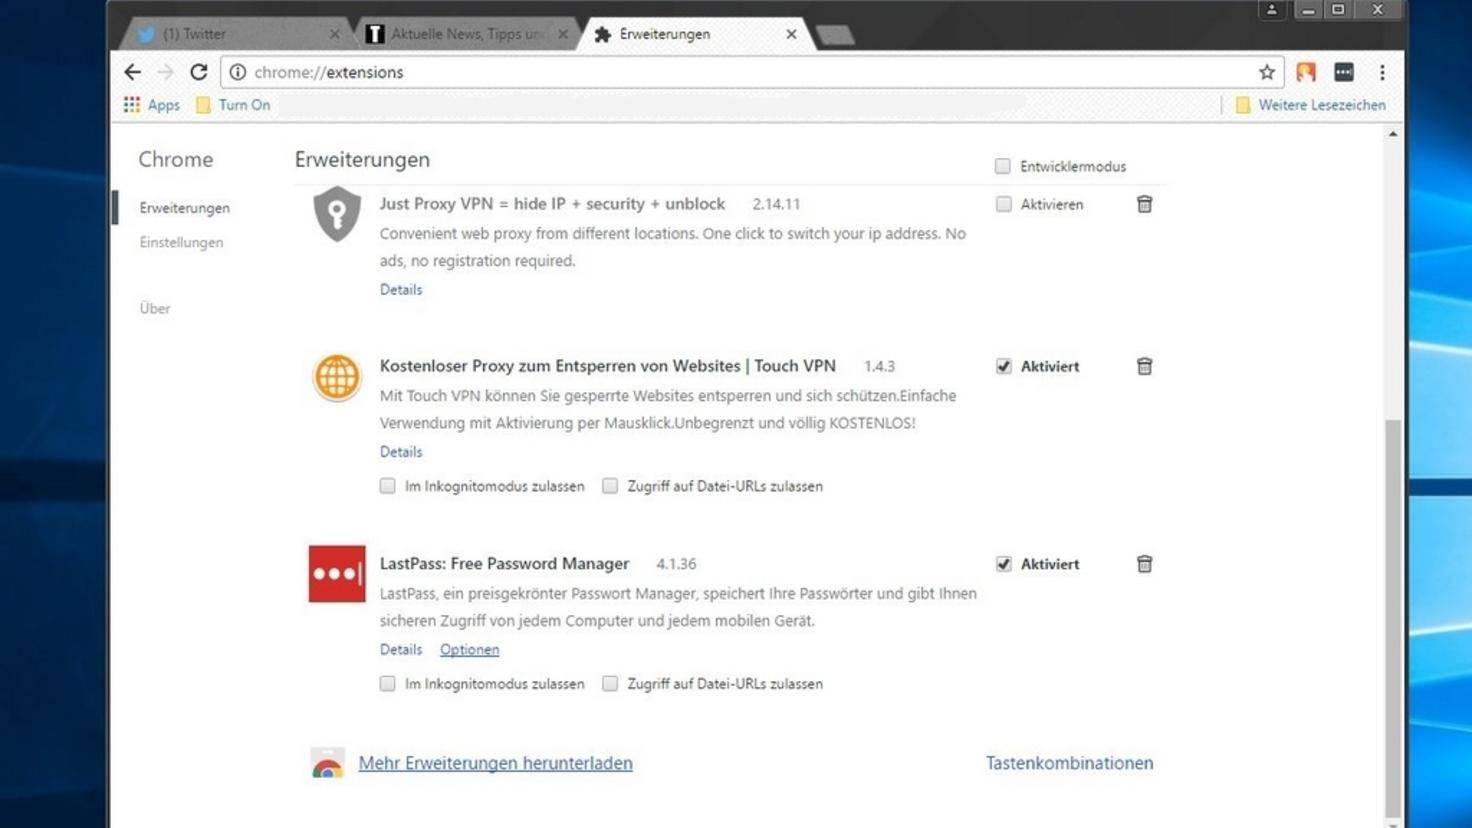 Chrome Erweiterungen Installieren